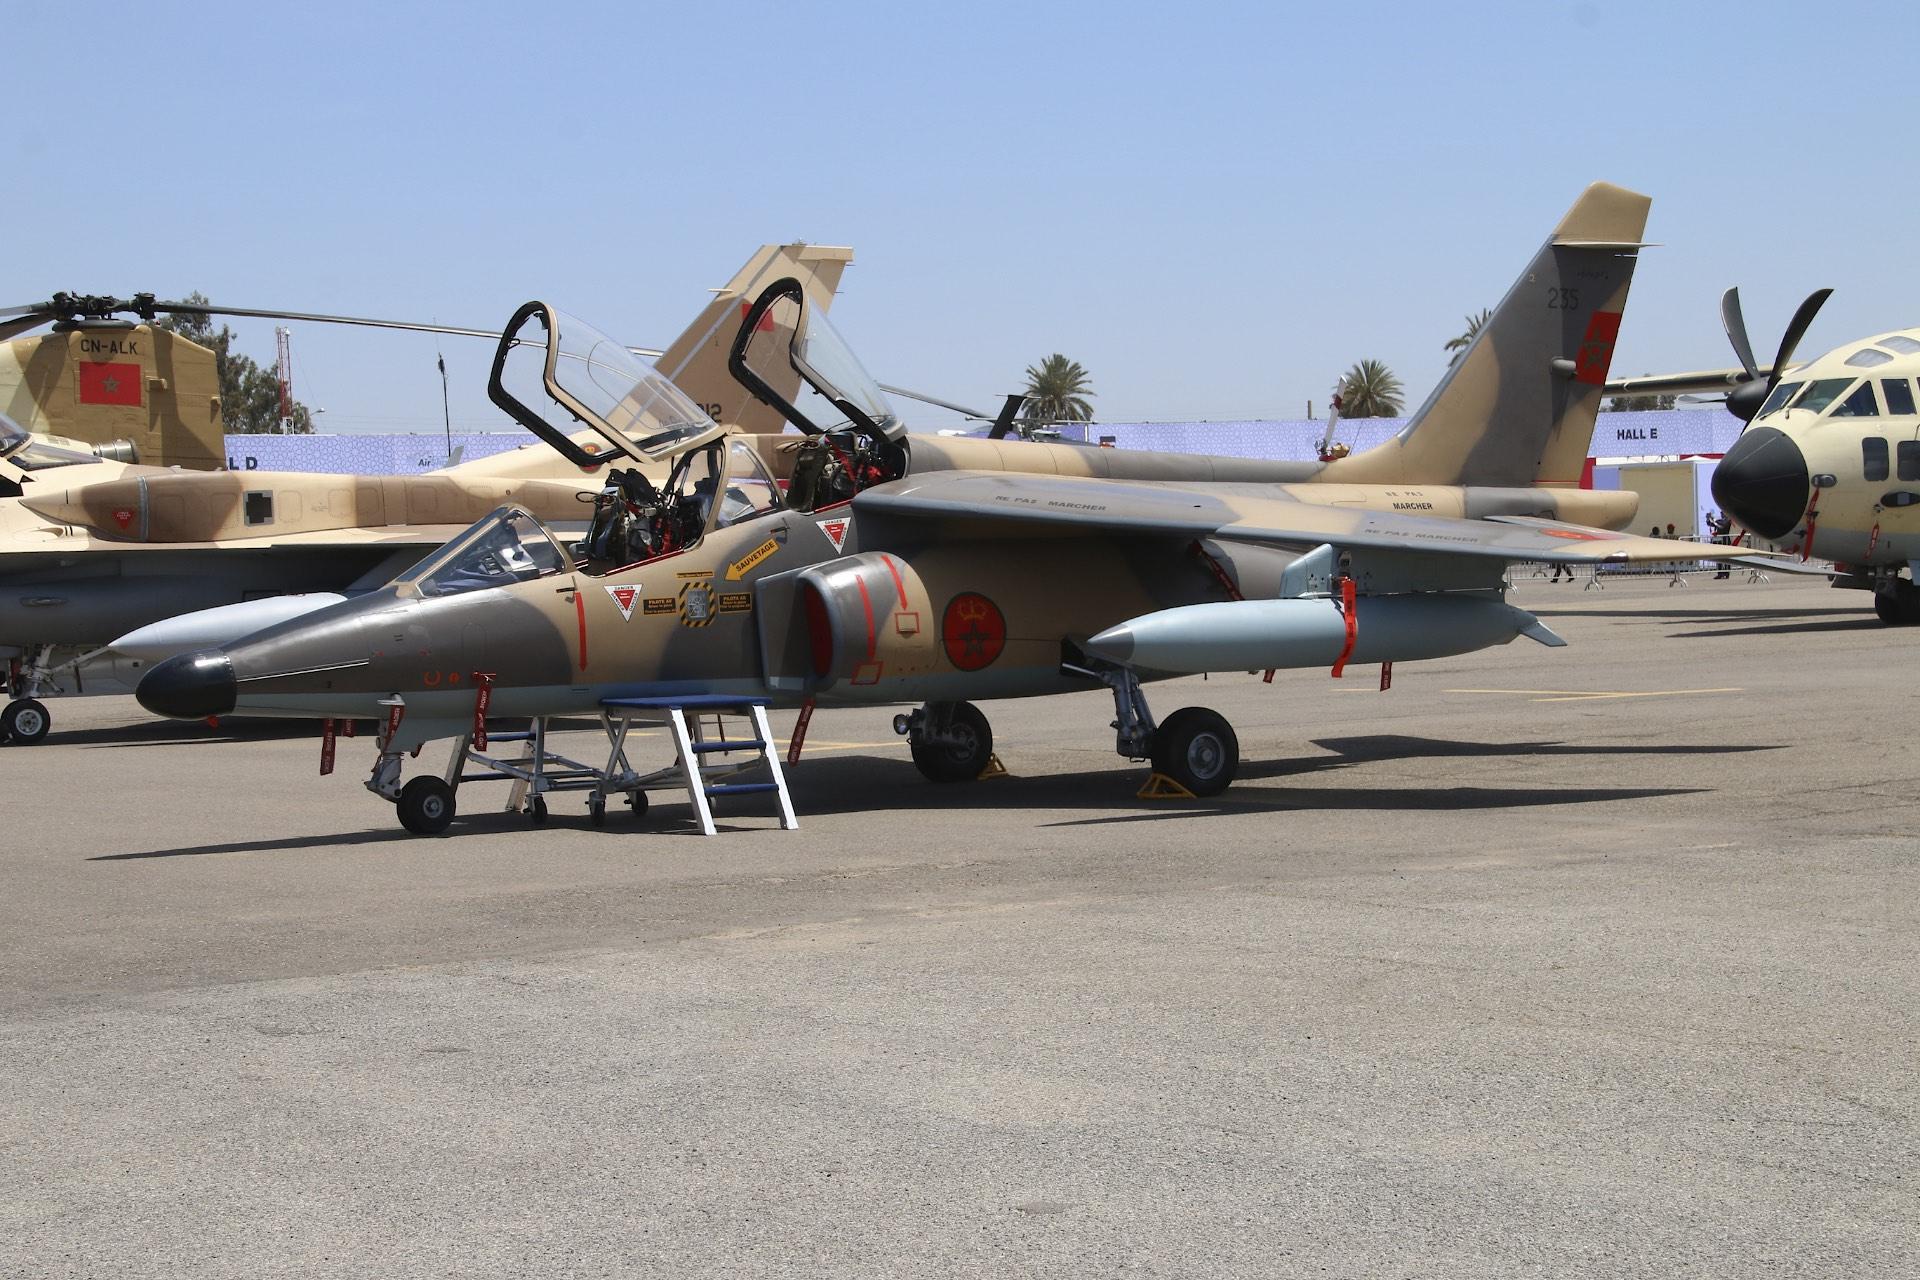 FRA: Photos avions d'entrainement et anti insurrection - Page 9 26816240160_47937f320e_o